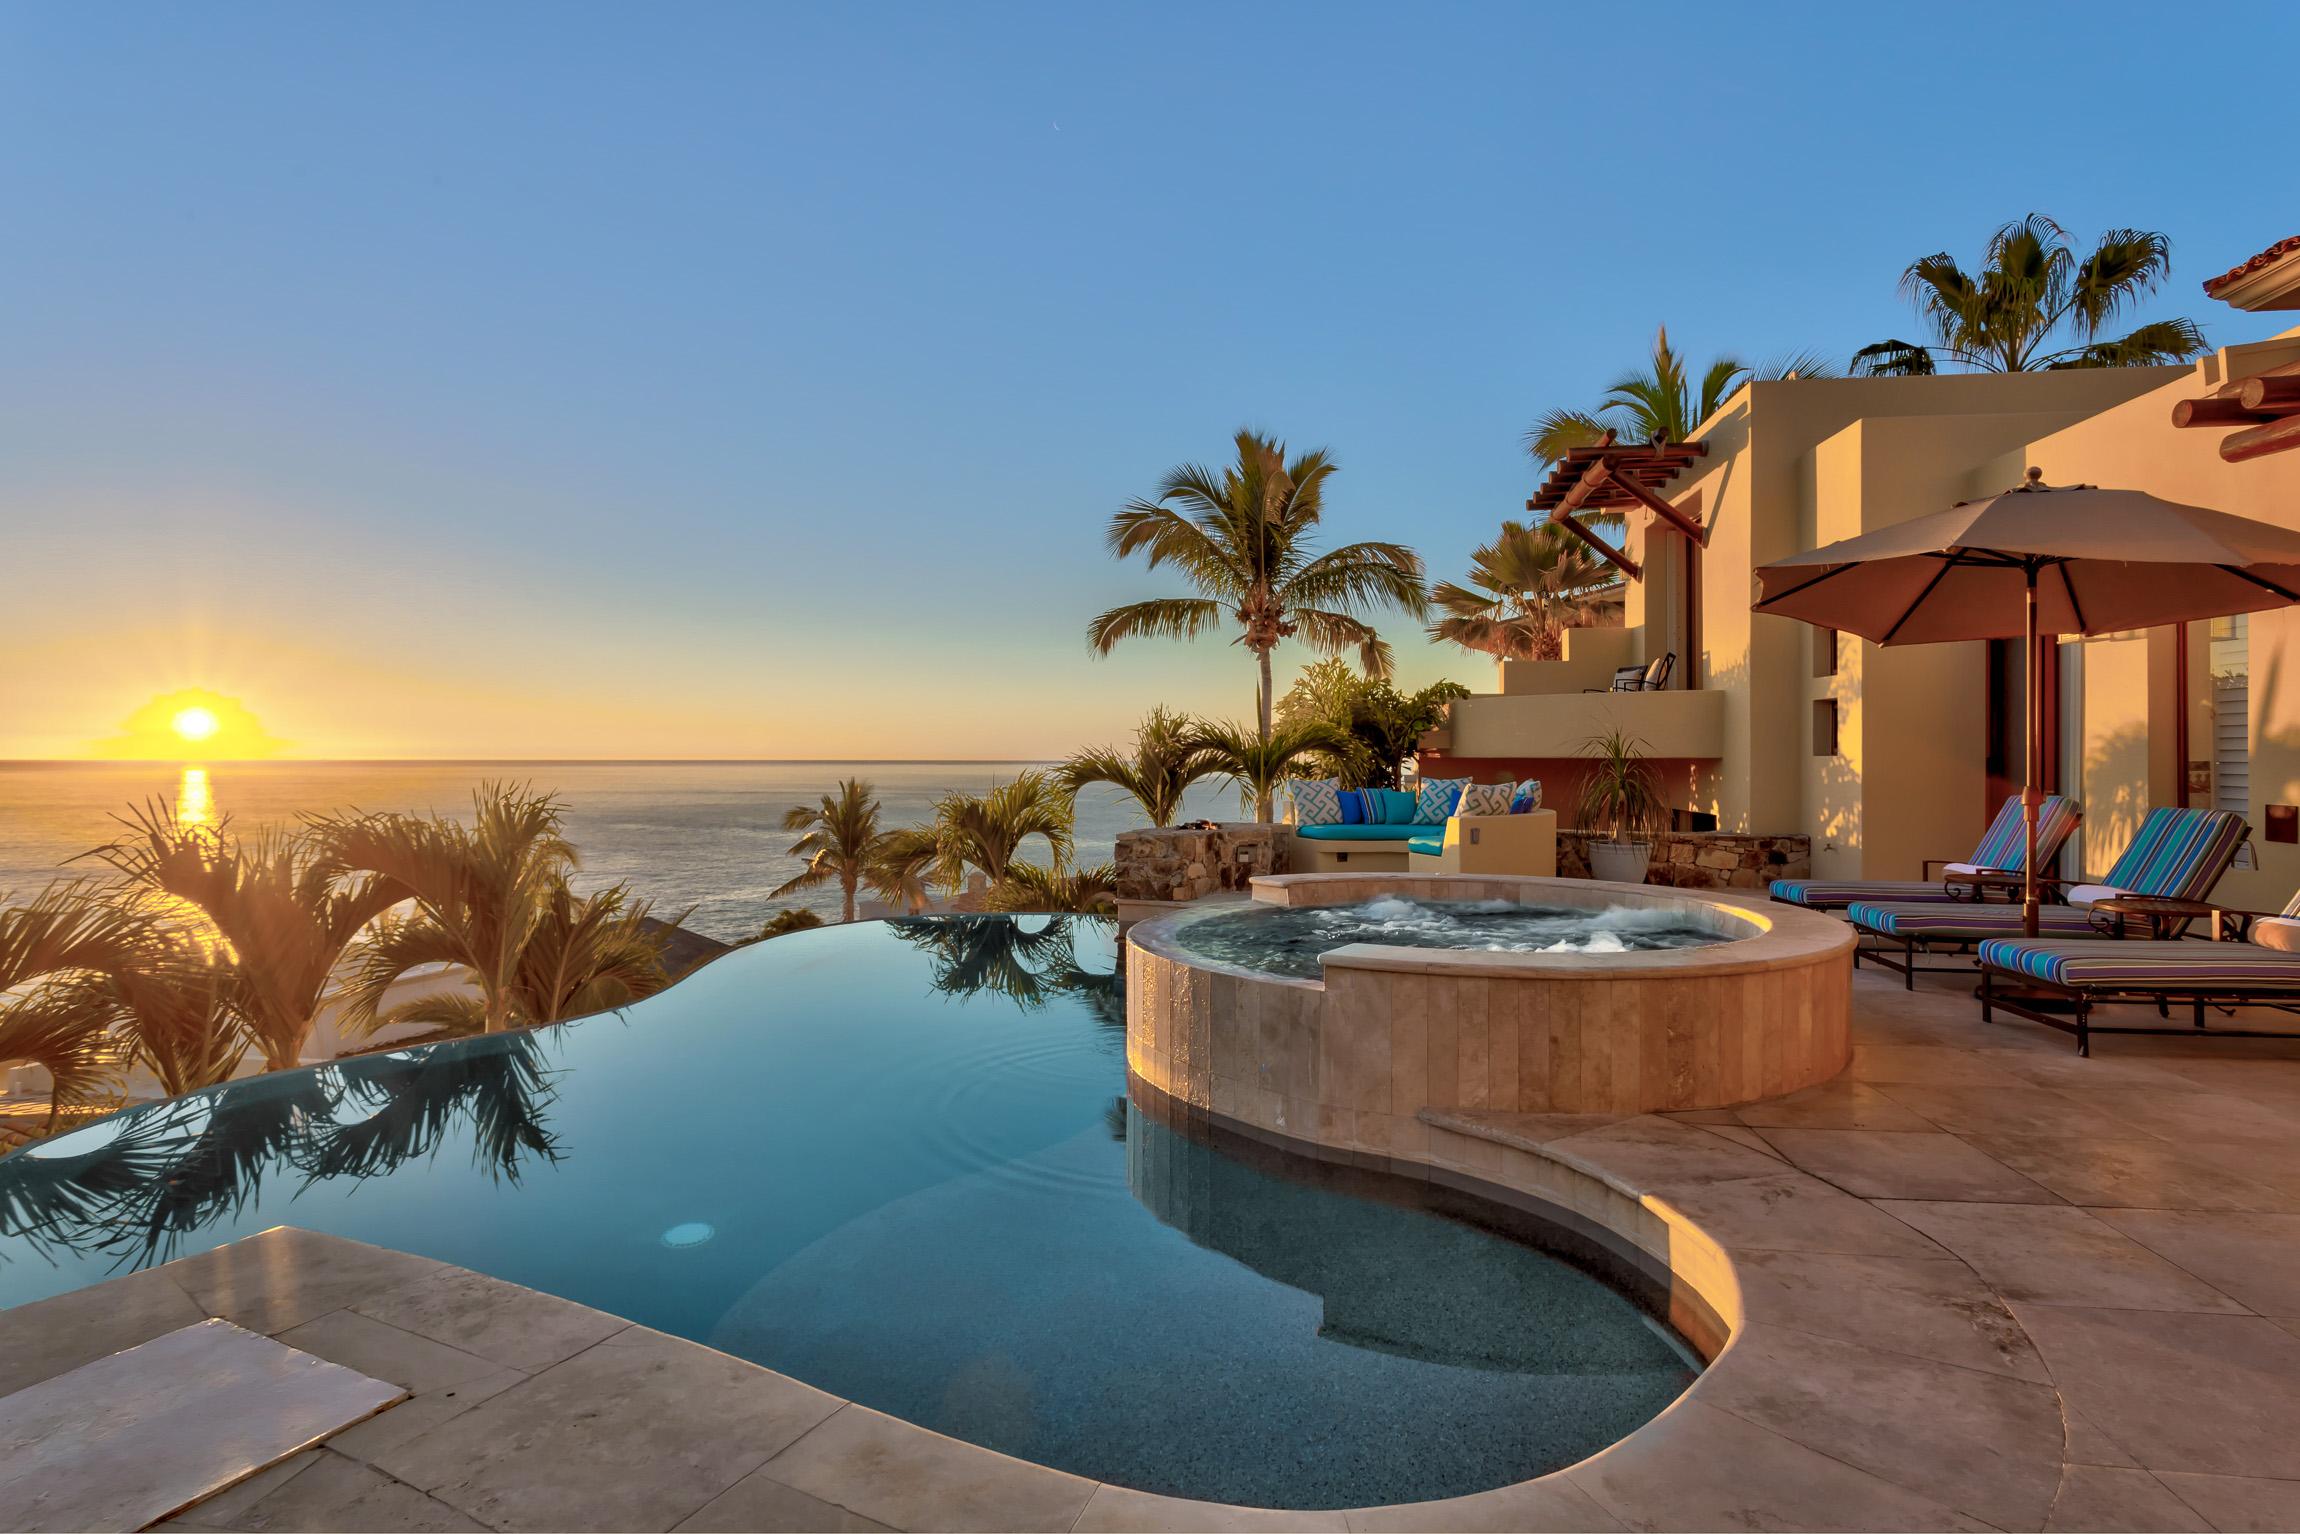 Casa Bella - San José del Cabo, Baja California Sur, Mexico